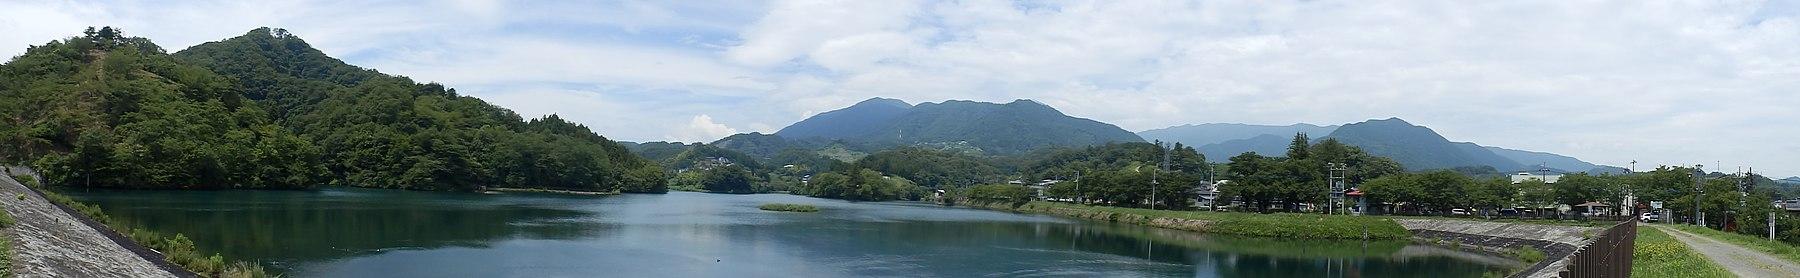 パノラマ写真 - panoramio.jpg